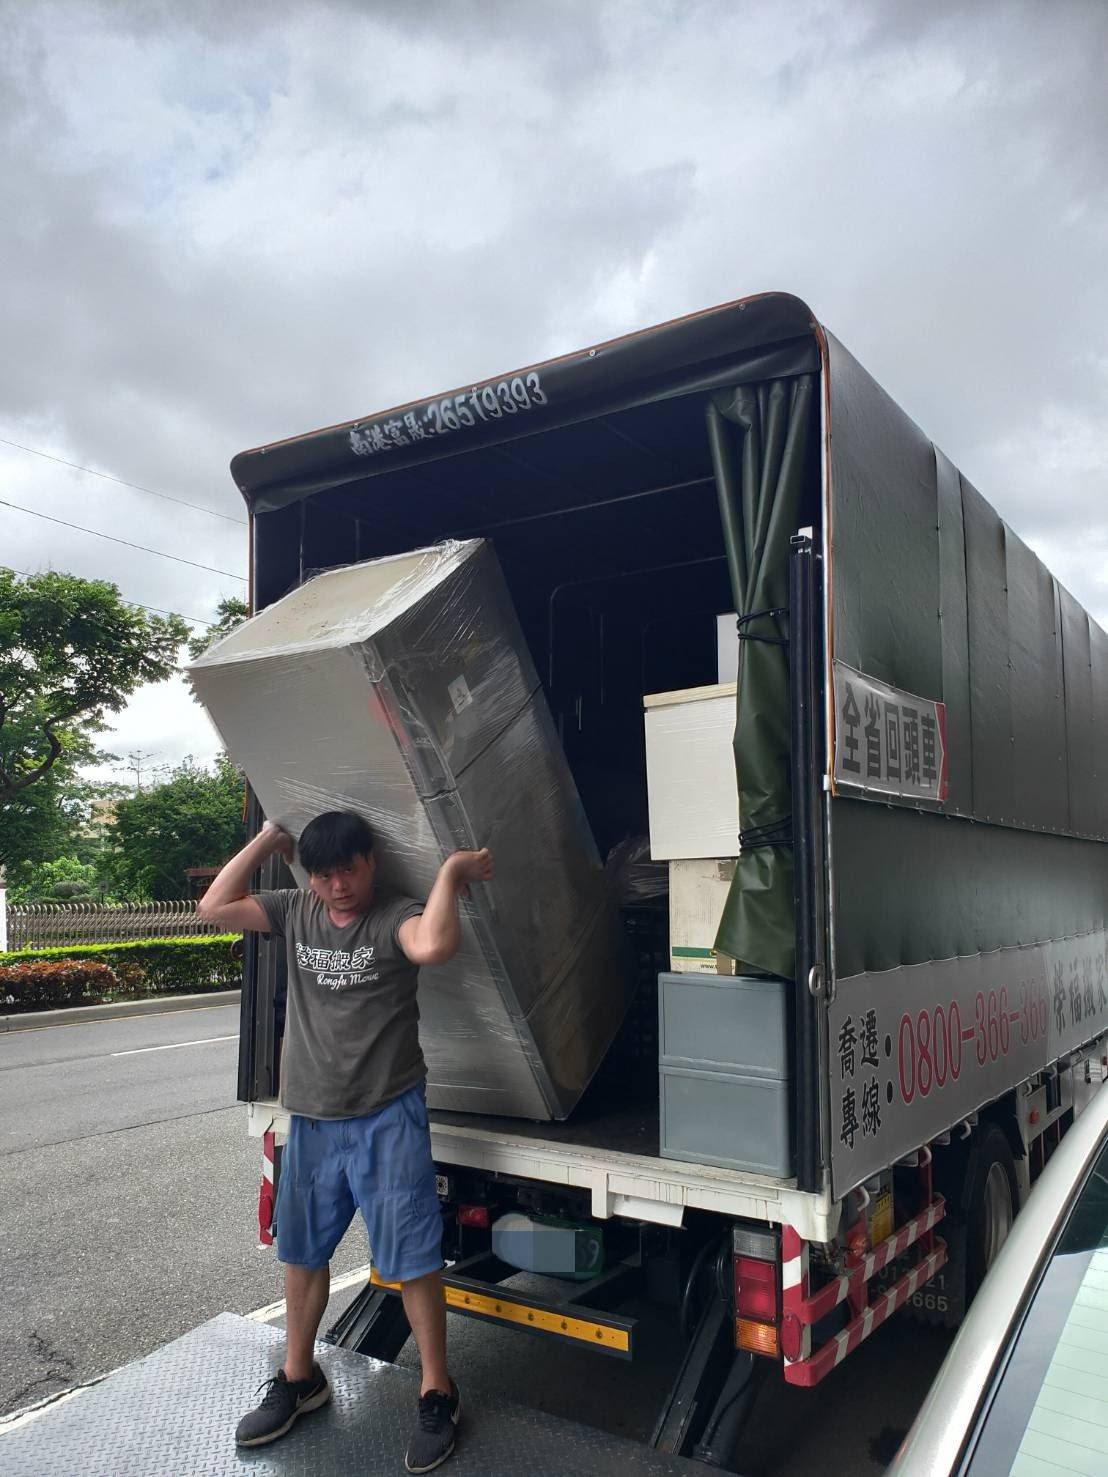 將冰箱搬運至大貨車上固定擺放-台北搬家公司推薦榮福搬家